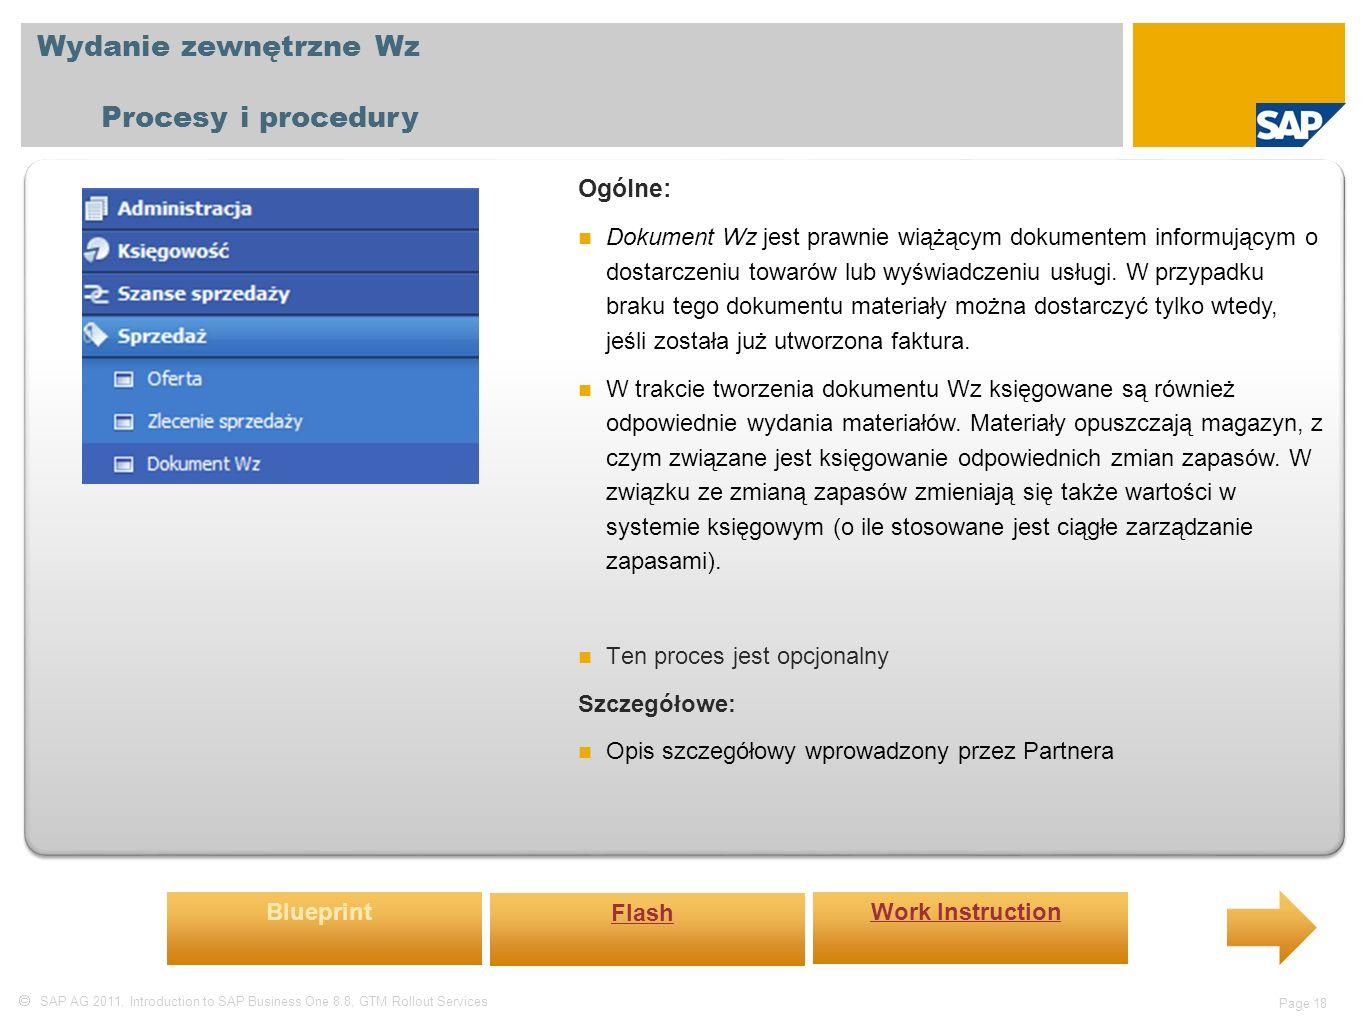  SAP AG 2011, Introduction to SAP Business One 8.8, GTM Rollout Services Page 18 Wydanie zewnętrzne Wz Procesy i procedury Ogólne: Dokument Wz jest p